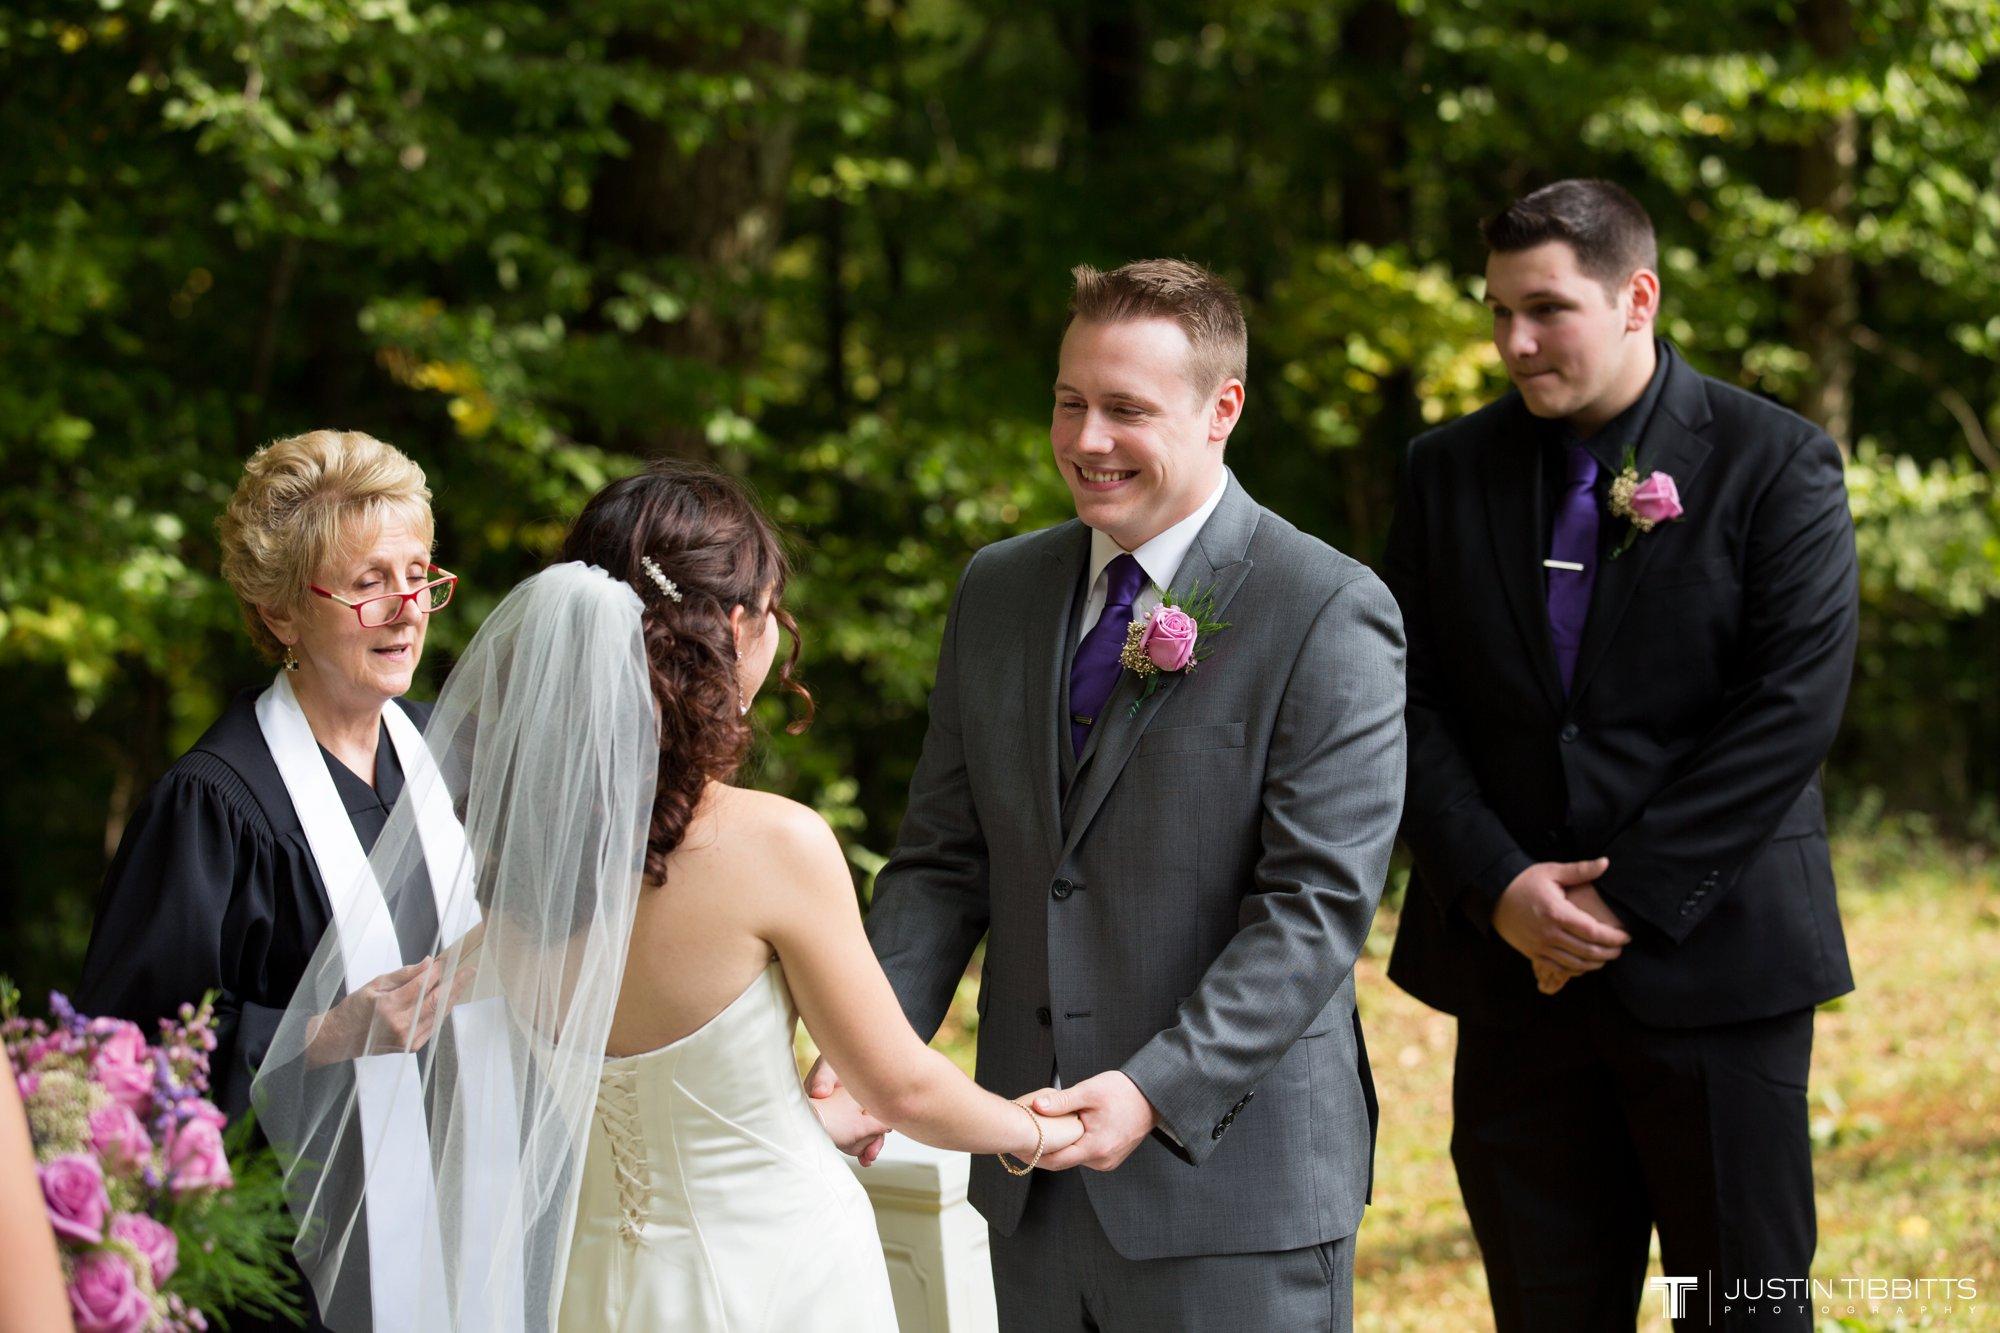 Justin Tibbitts Photography Rob and Brittany's Averill Park, NY Wedding_0380